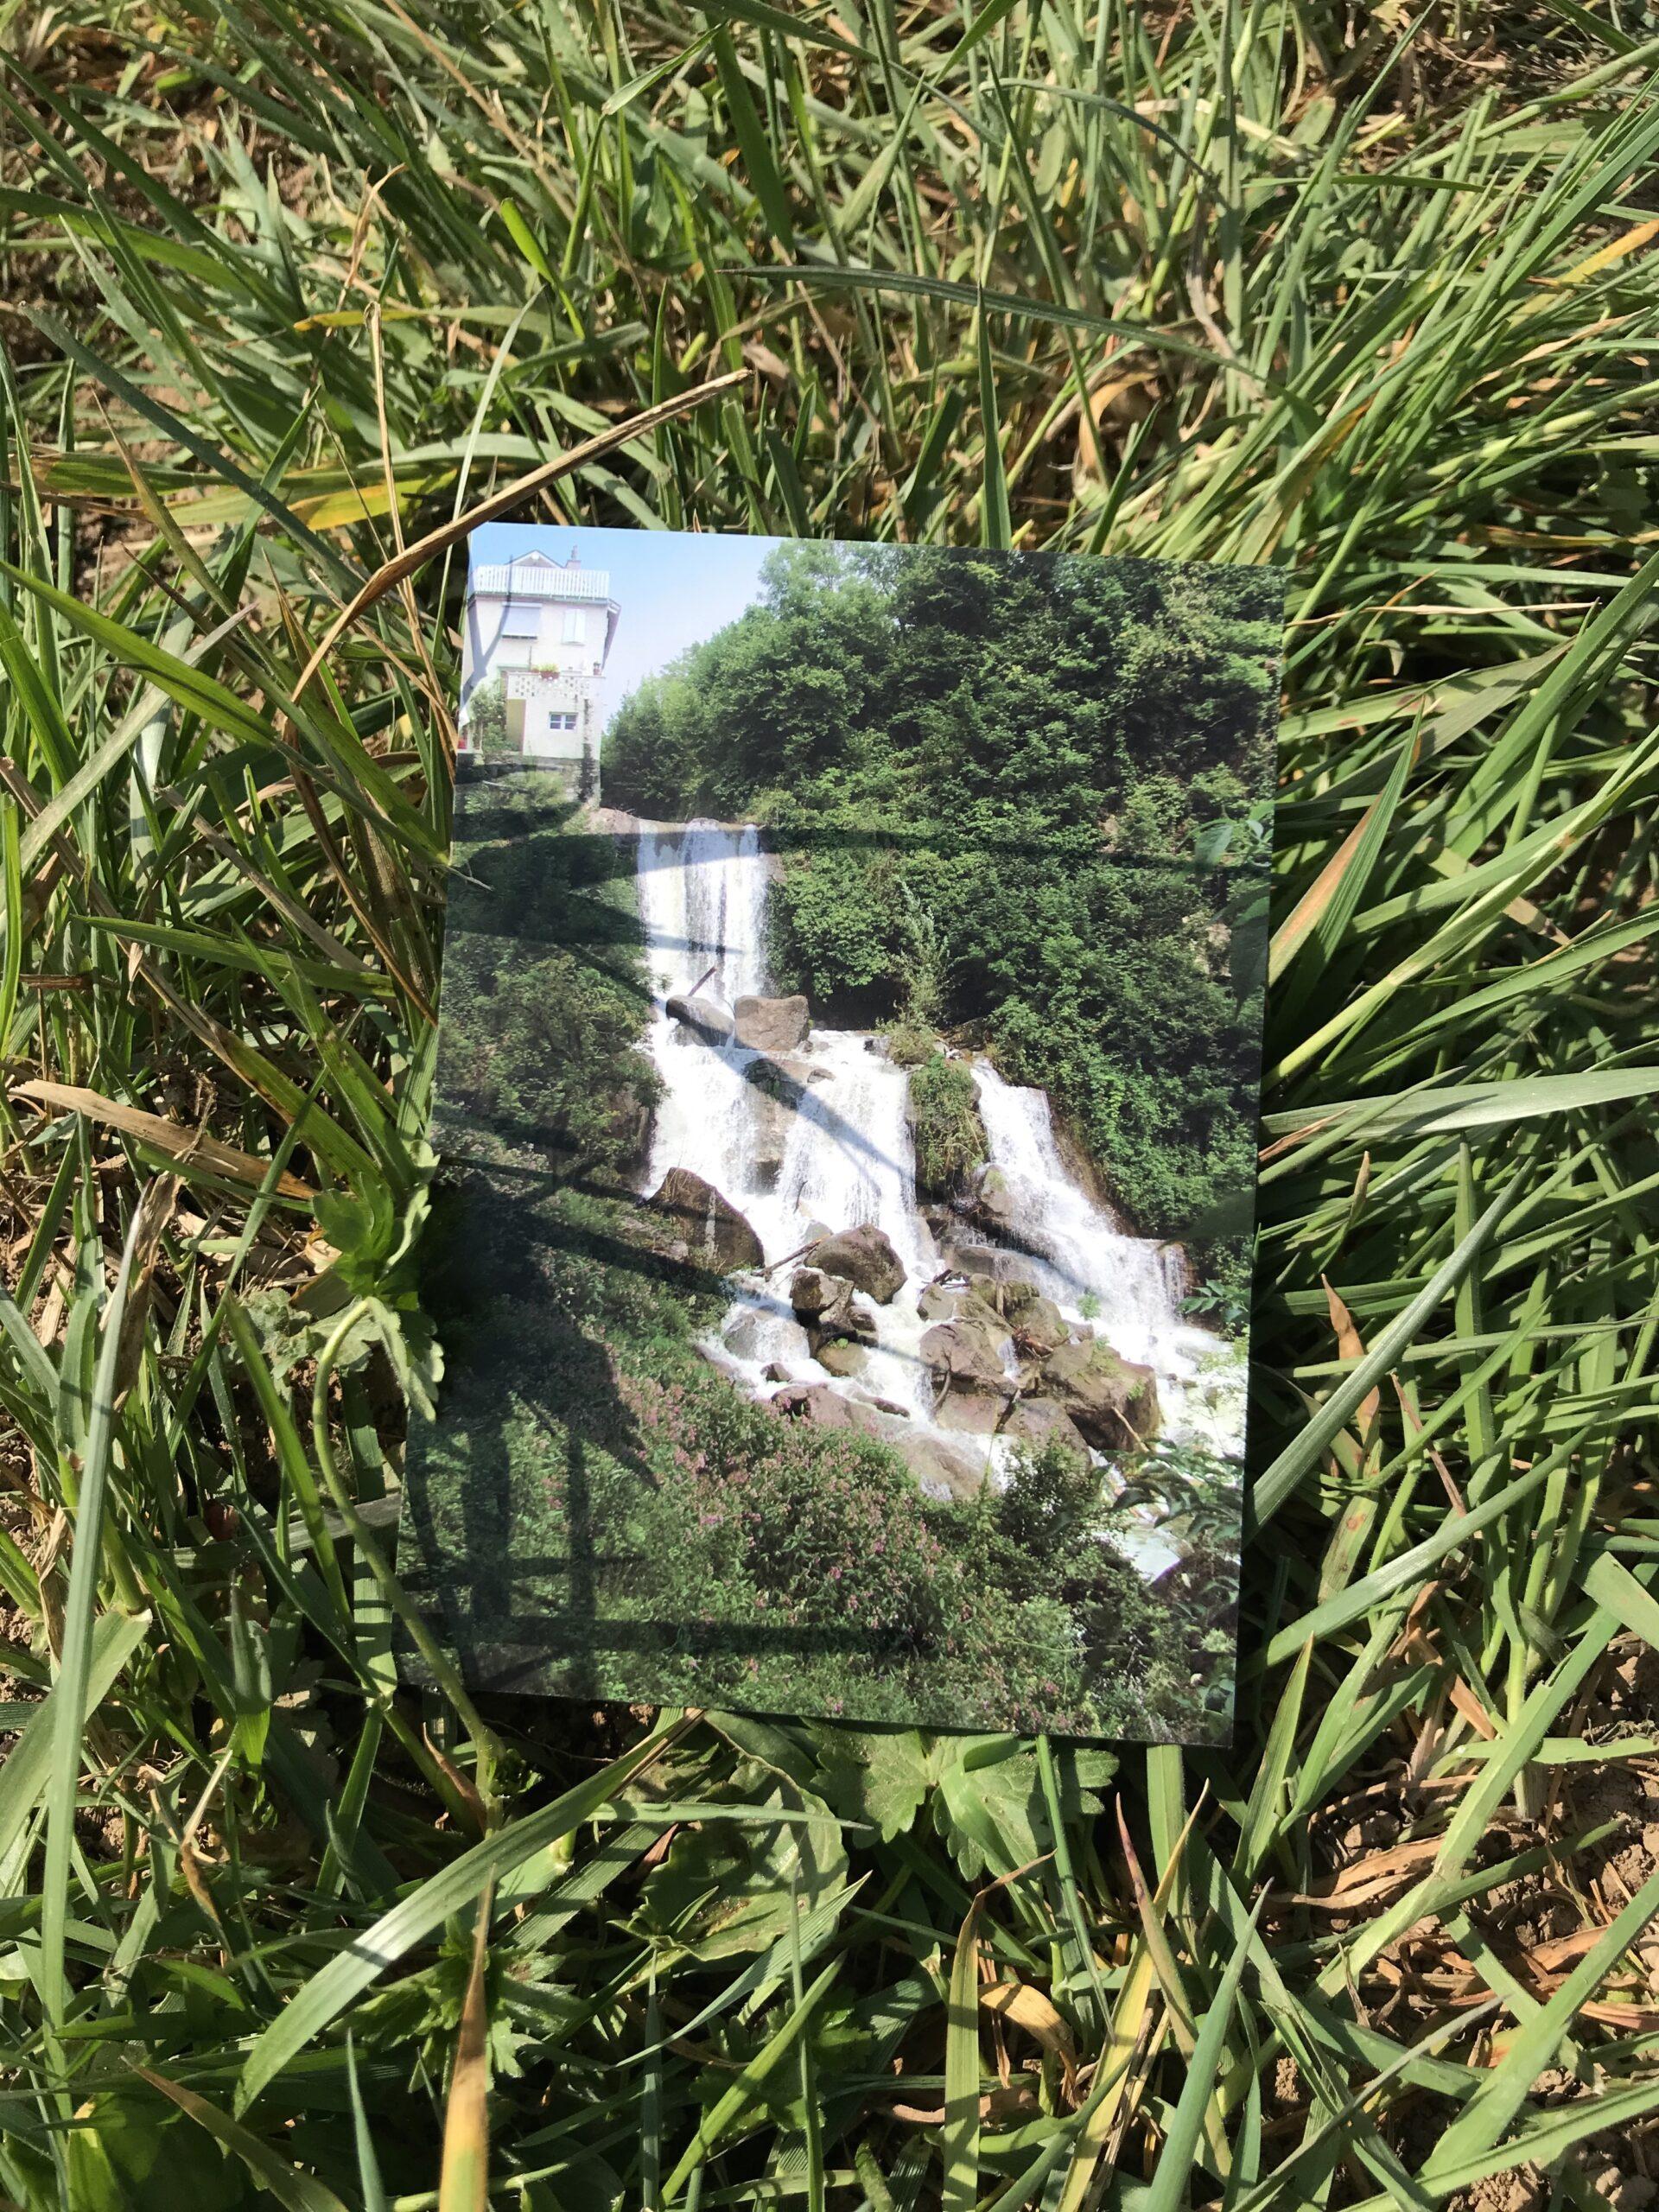 Stefan Banz, Marcel Duchamp et la chute d'eau du Forestay © Héloïse Gailing